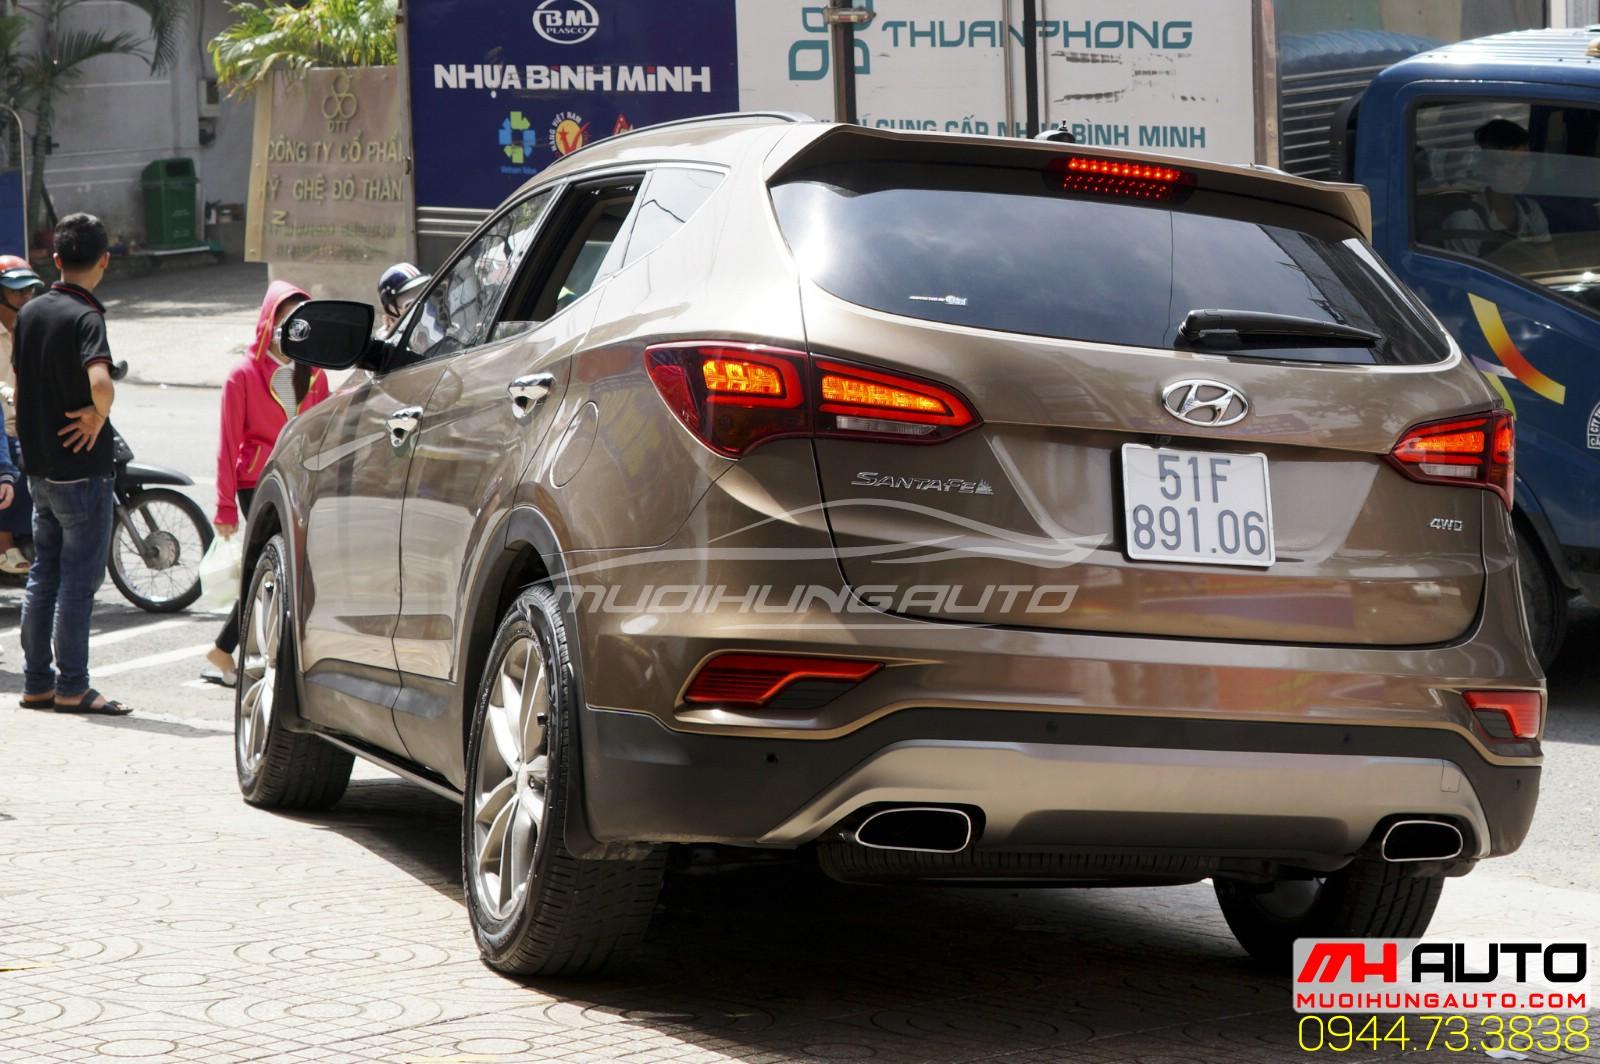 Hyundai Santafe độ pô phong cách